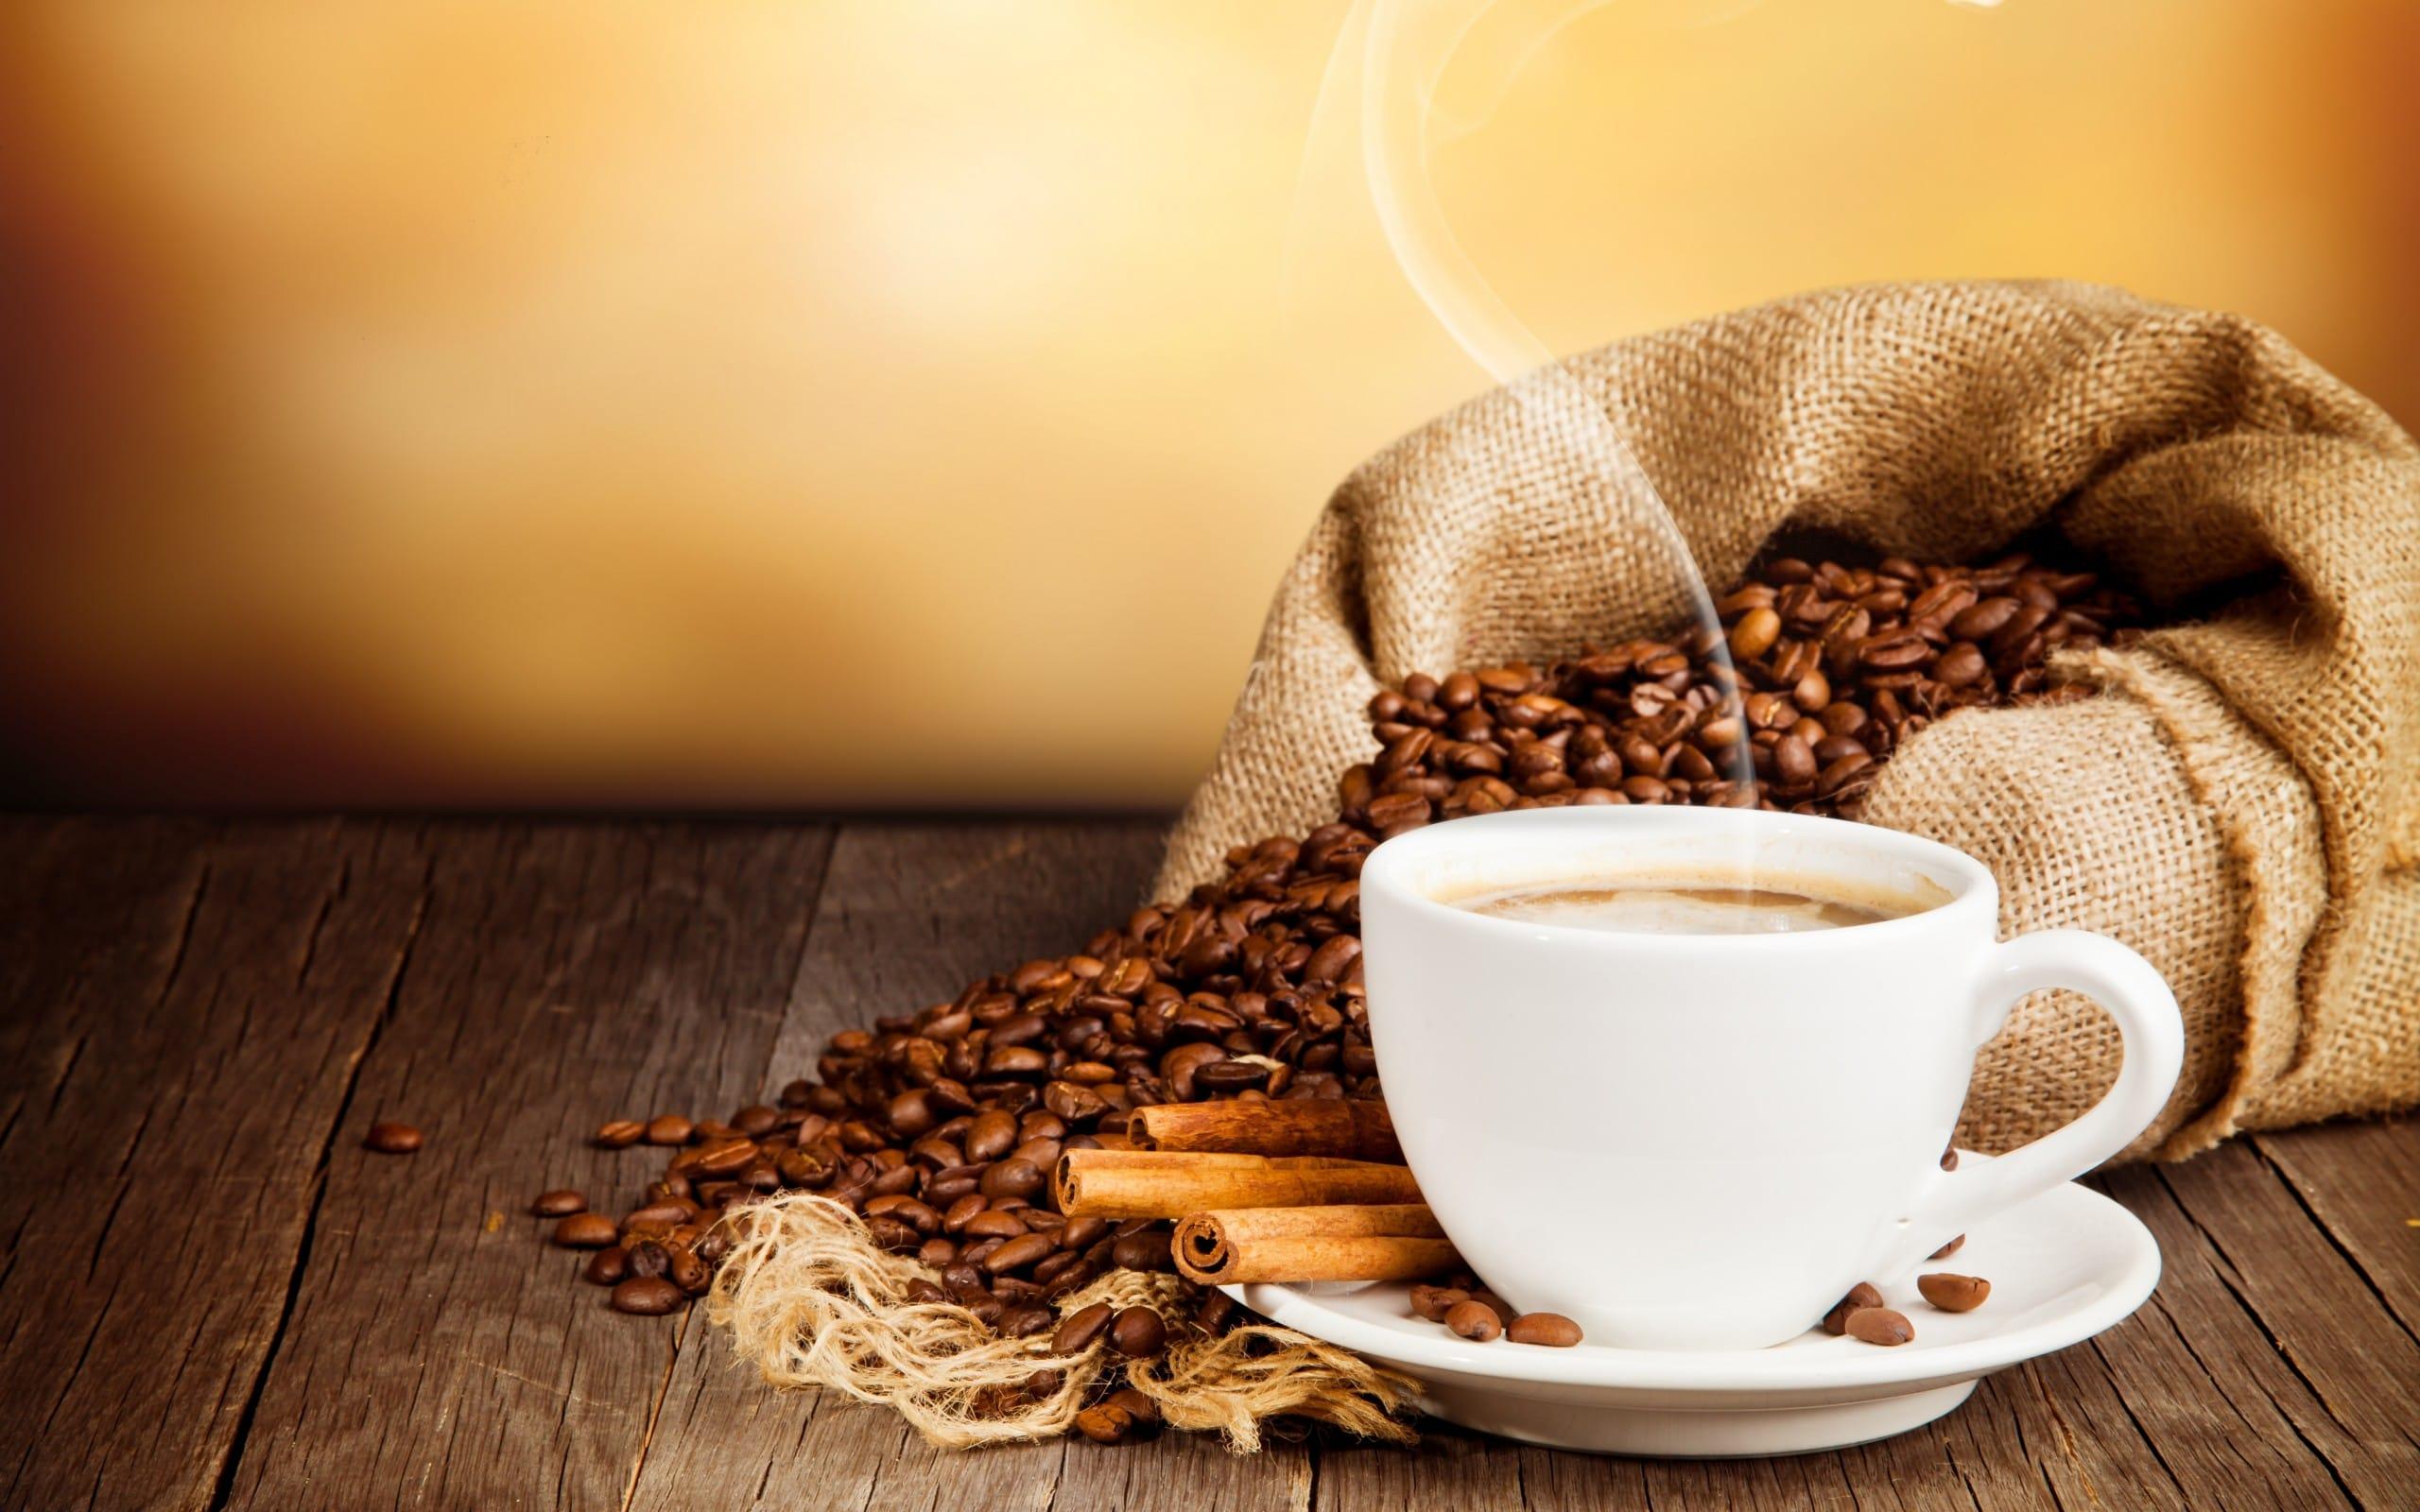 hình ảnh đẹp về ly cà phê đá